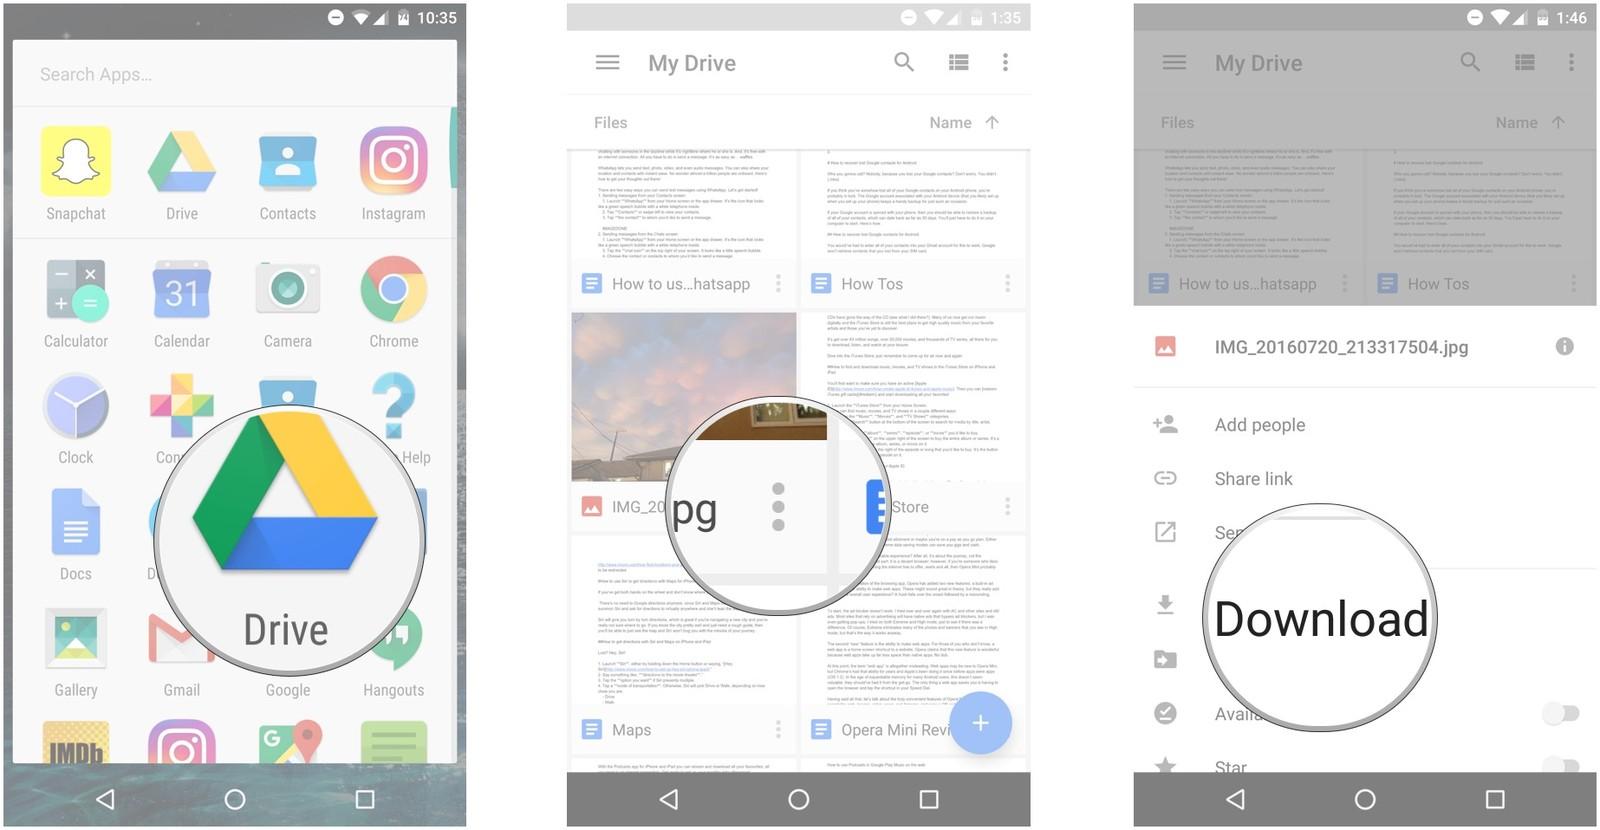 podrobnaya-instrukciya-po-ispolzovaniyu-google-drive-skachivanie-fajjlov